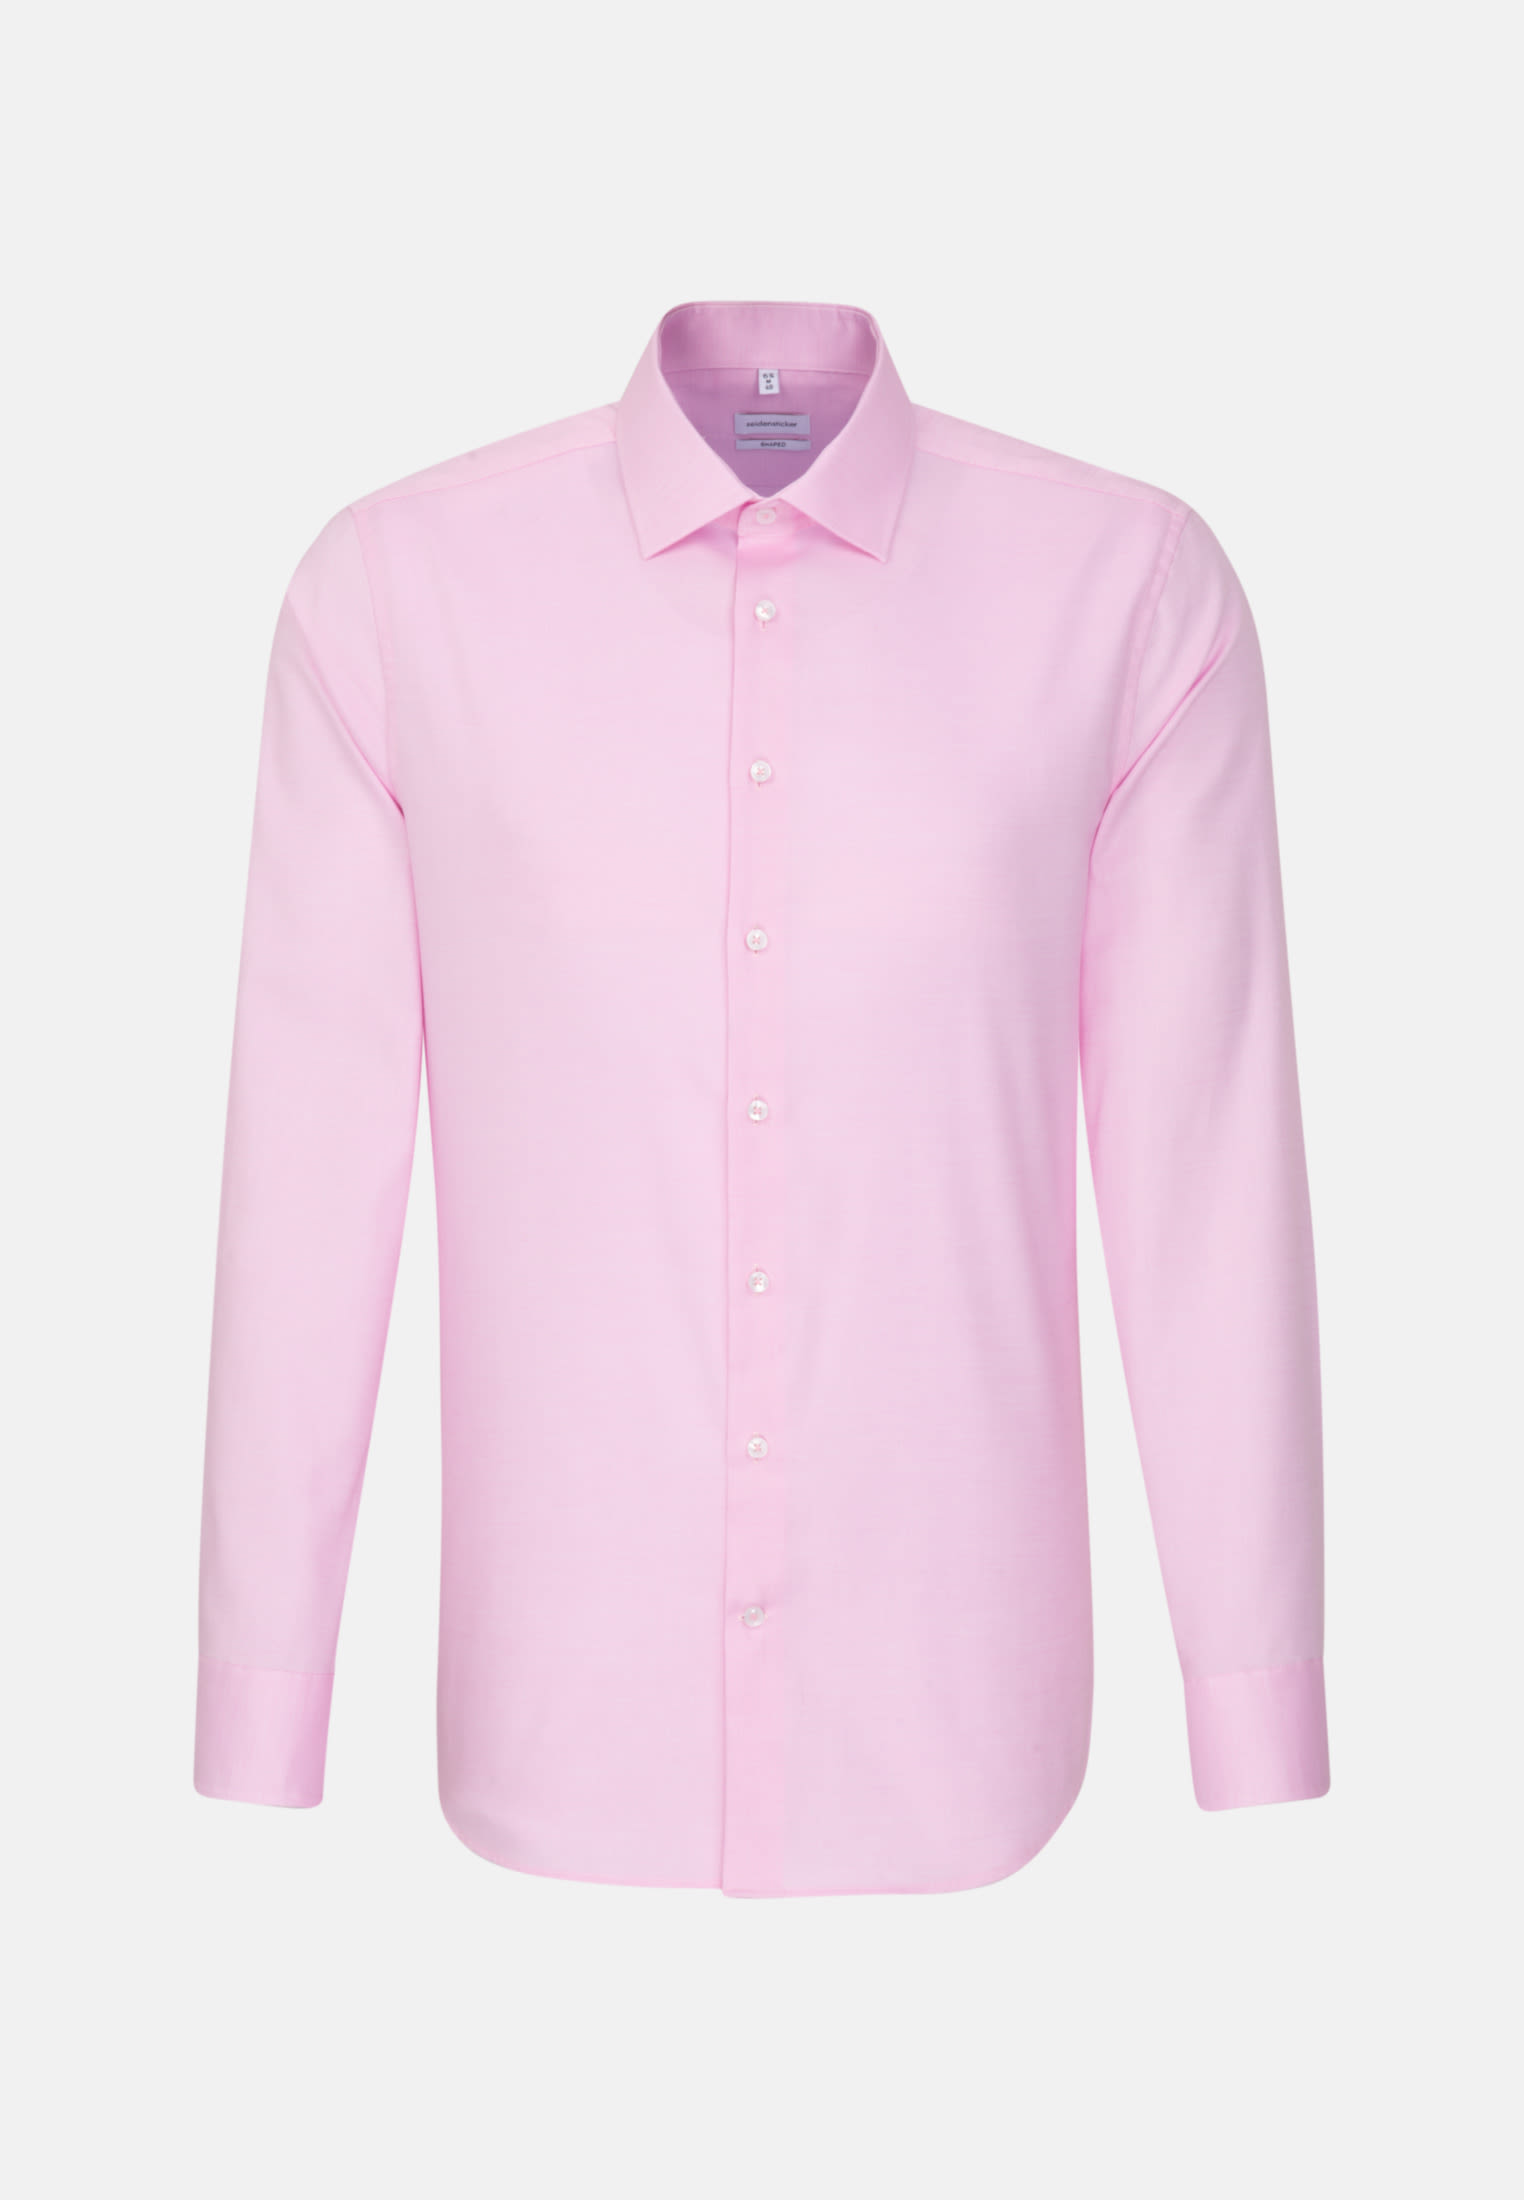 Bügelfreies Struktur Business Hemd in Shaped mit Kentkragen in Rosa/Pink |  Seidensticker Onlineshop